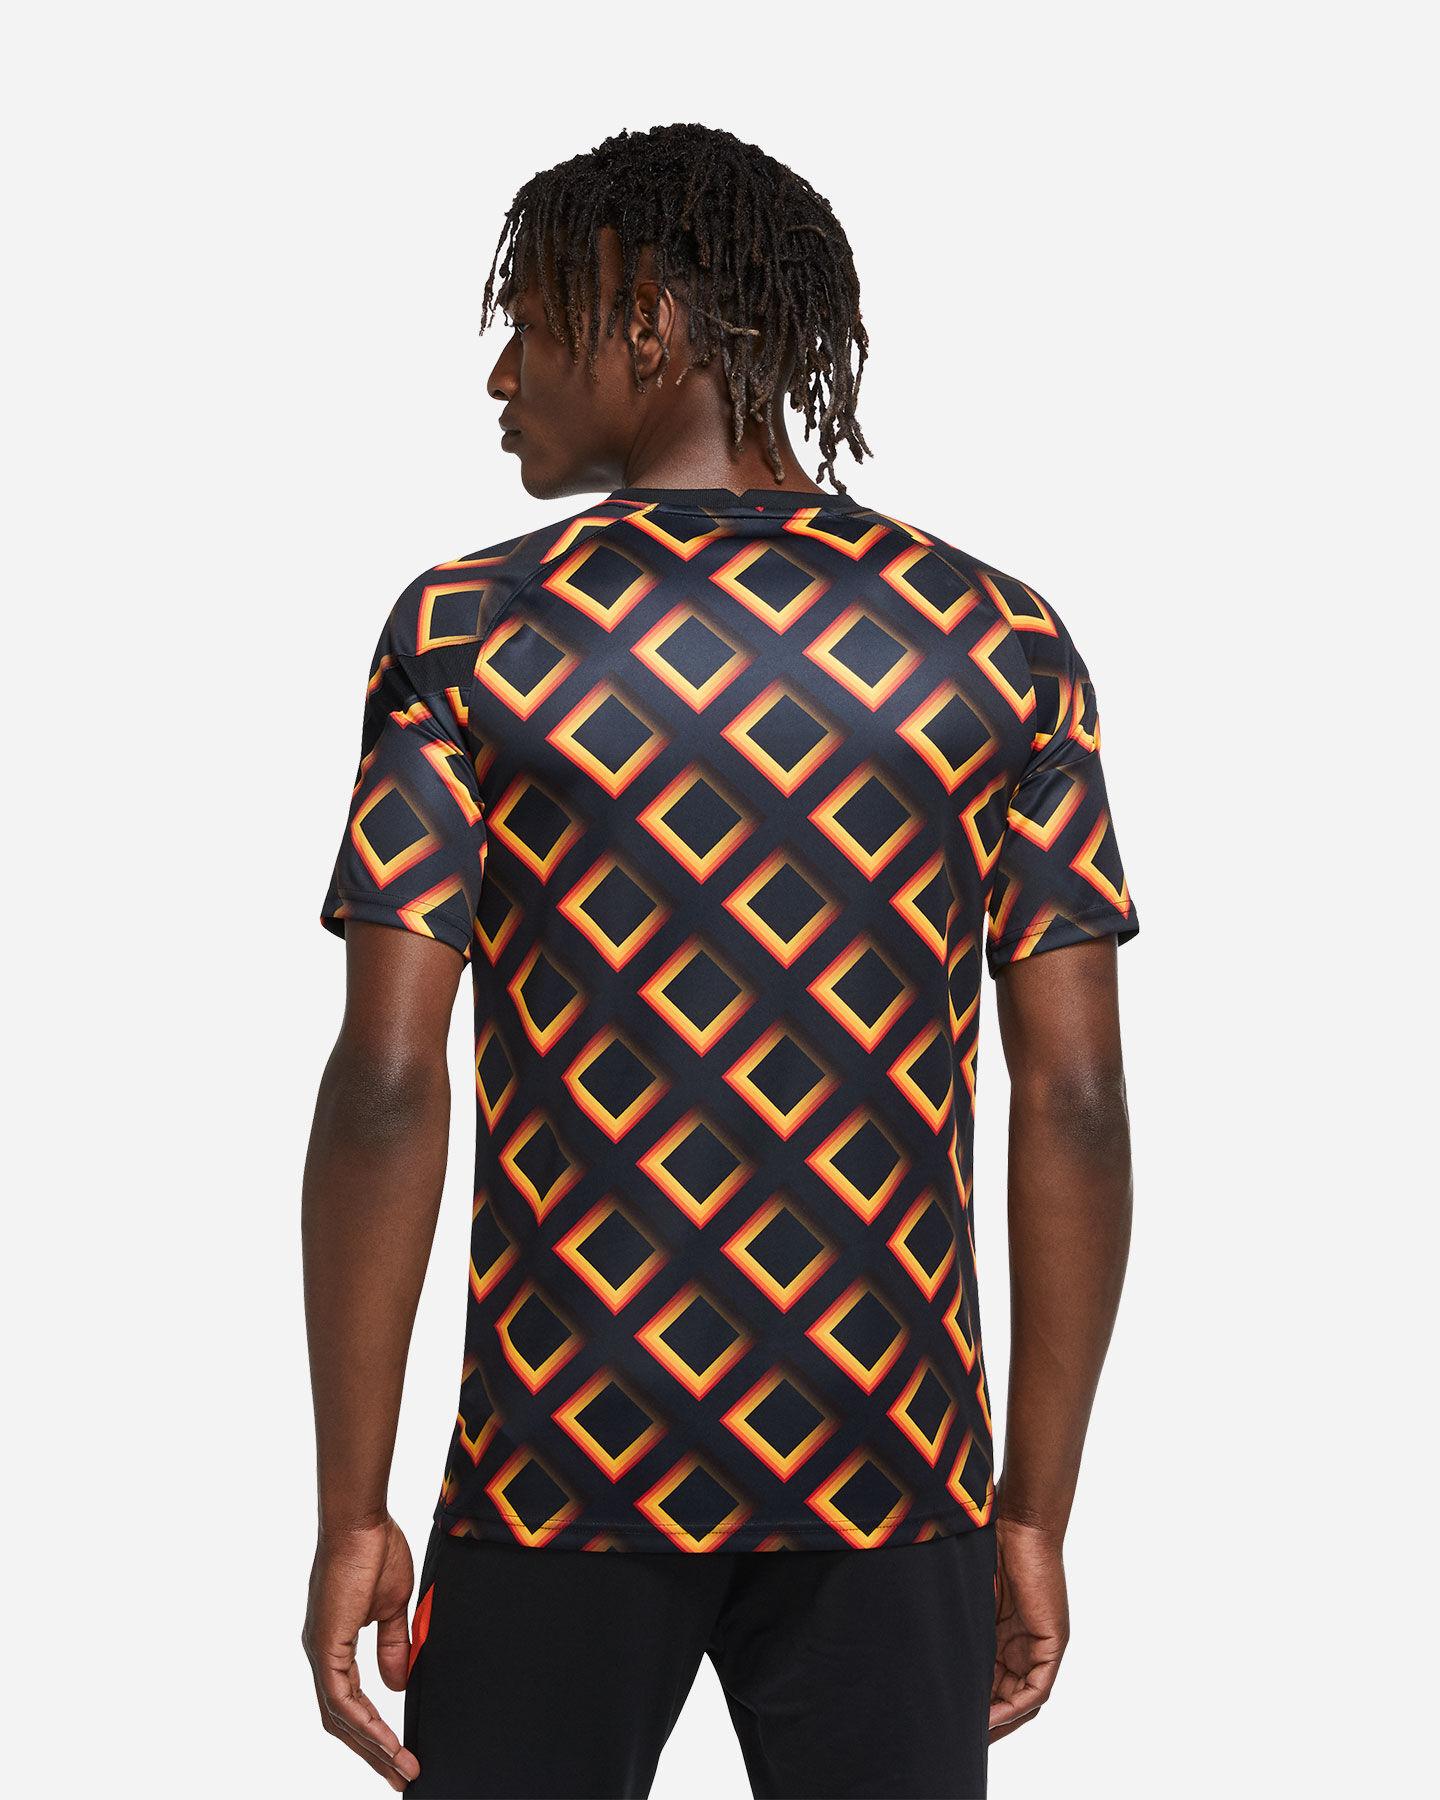 Abbigliamento calcio NIKE AS ROMA PREMATCH 20-21 M S5195542 scatto 3